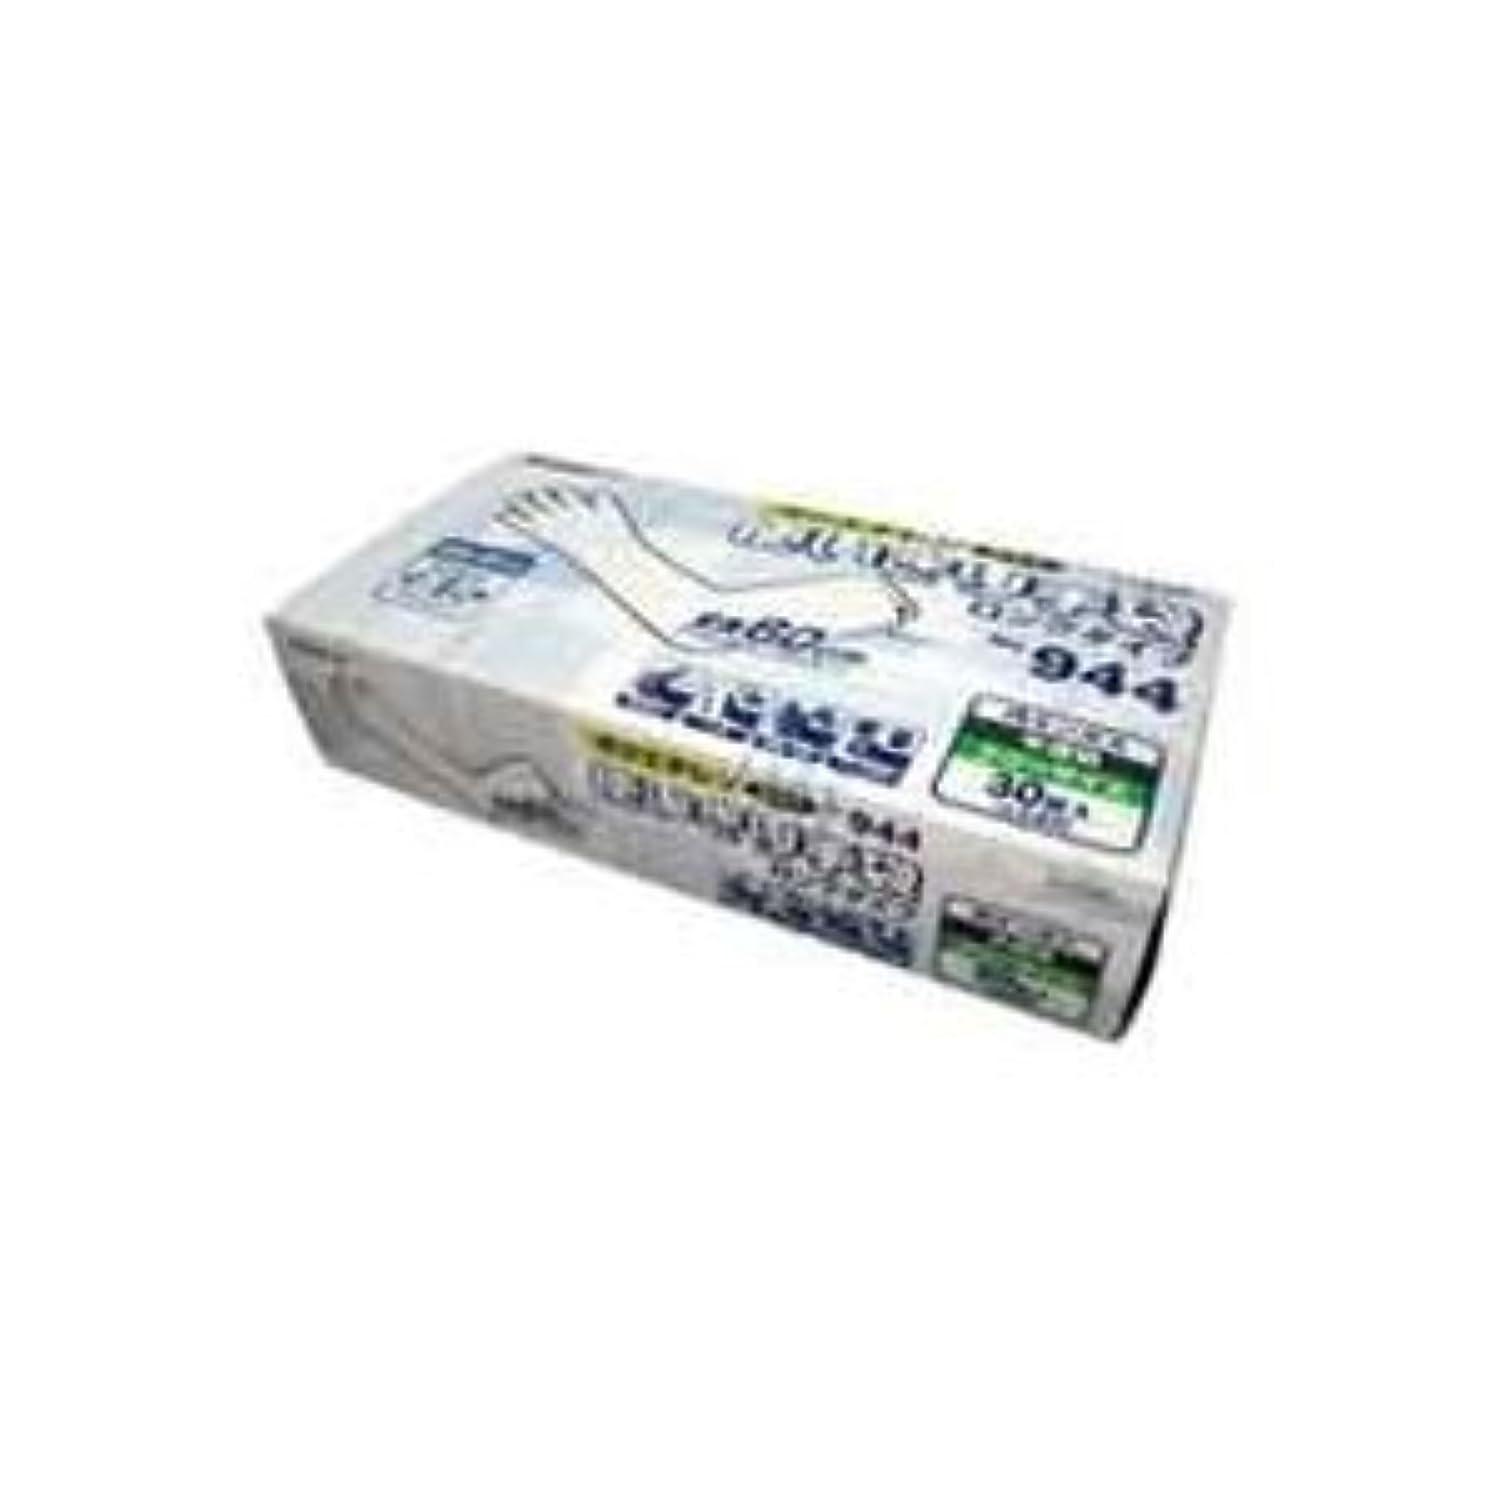 排出レルムスプレーインテリア 日用雑貨 掃除用品 (業務用3セット)モデルローブNo.944 ポリエチレン 半透明 30枚